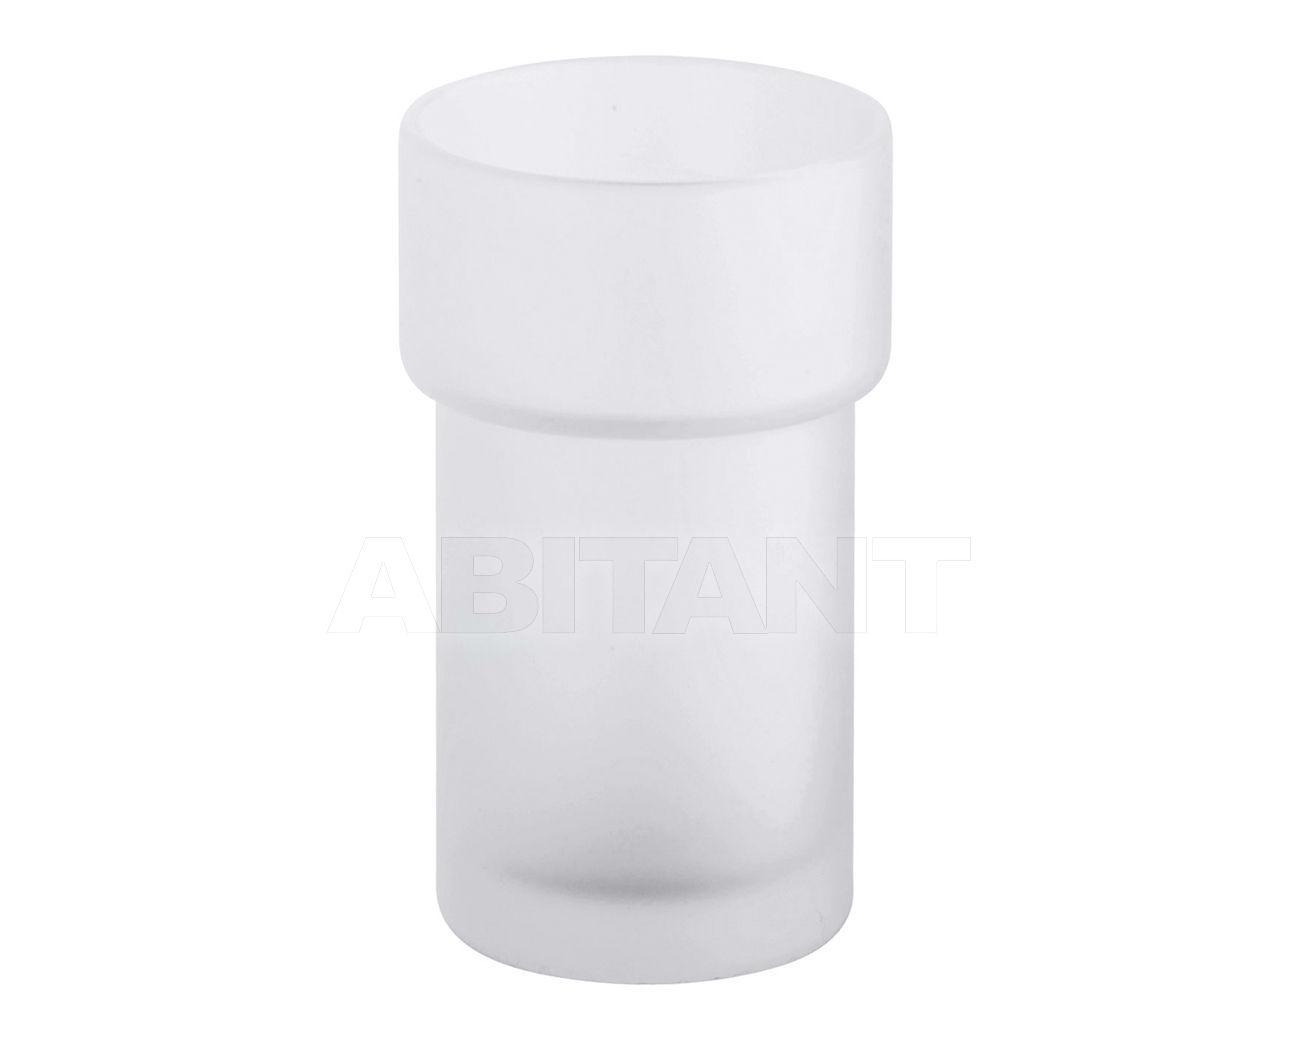 Купить Стакан для зубных щеток Allure Grohe 2012 40 254 000